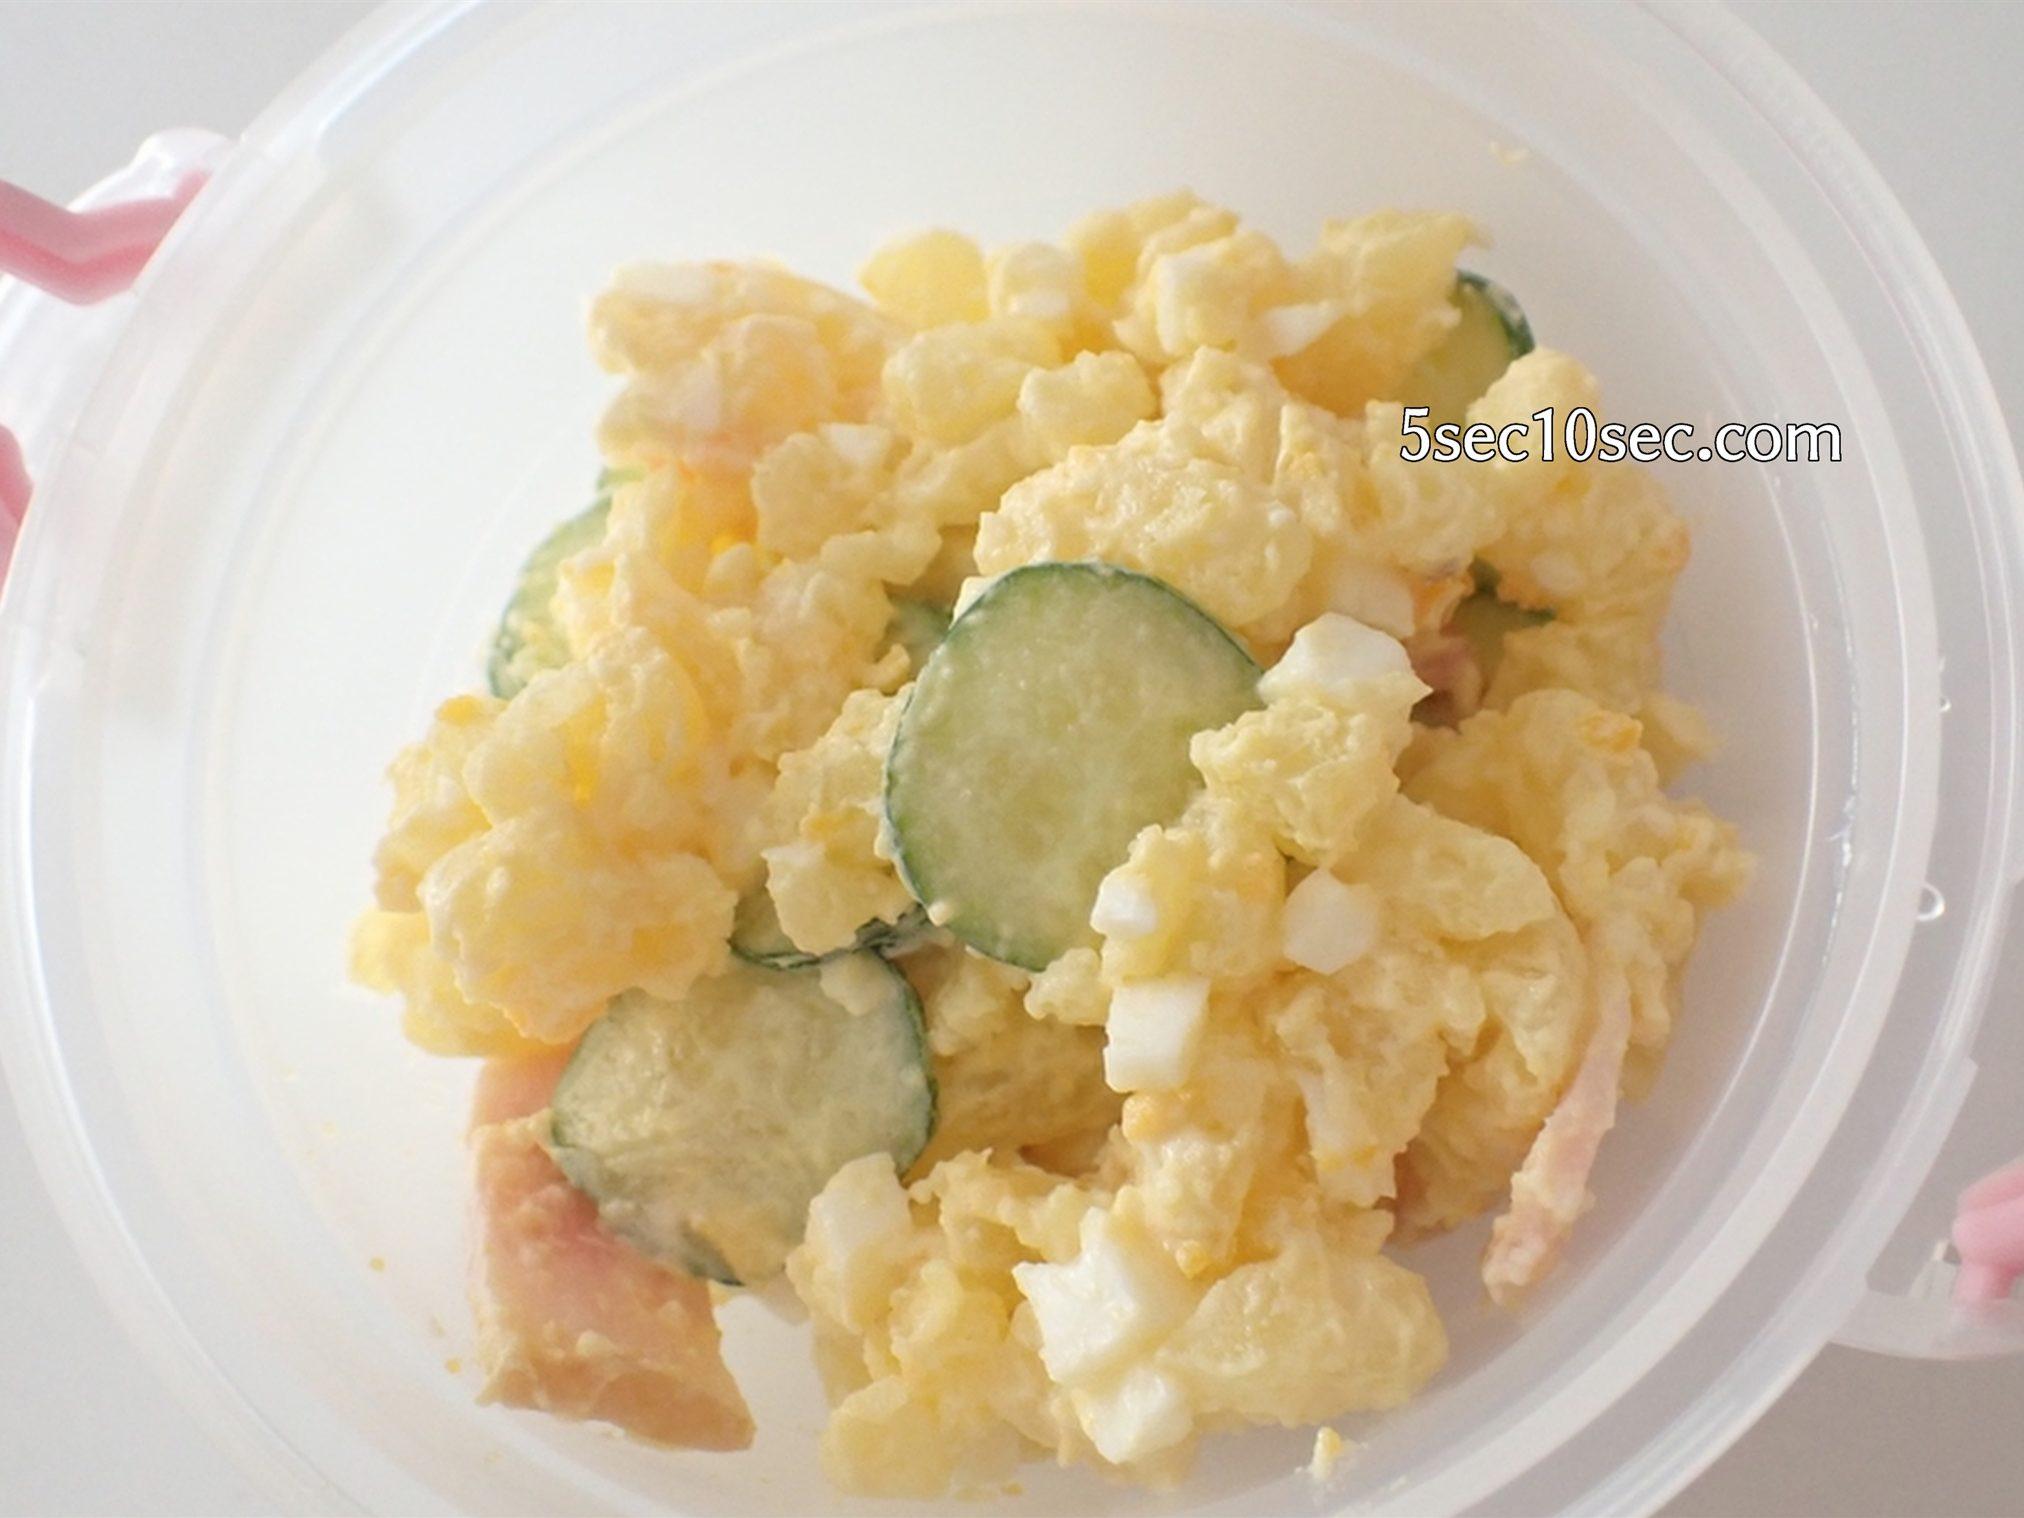 貝印 KAI レンジでゆでたまごが作れる容器 容器の中でそのまま混ぜて、ポテトサラダなどを作ることができます